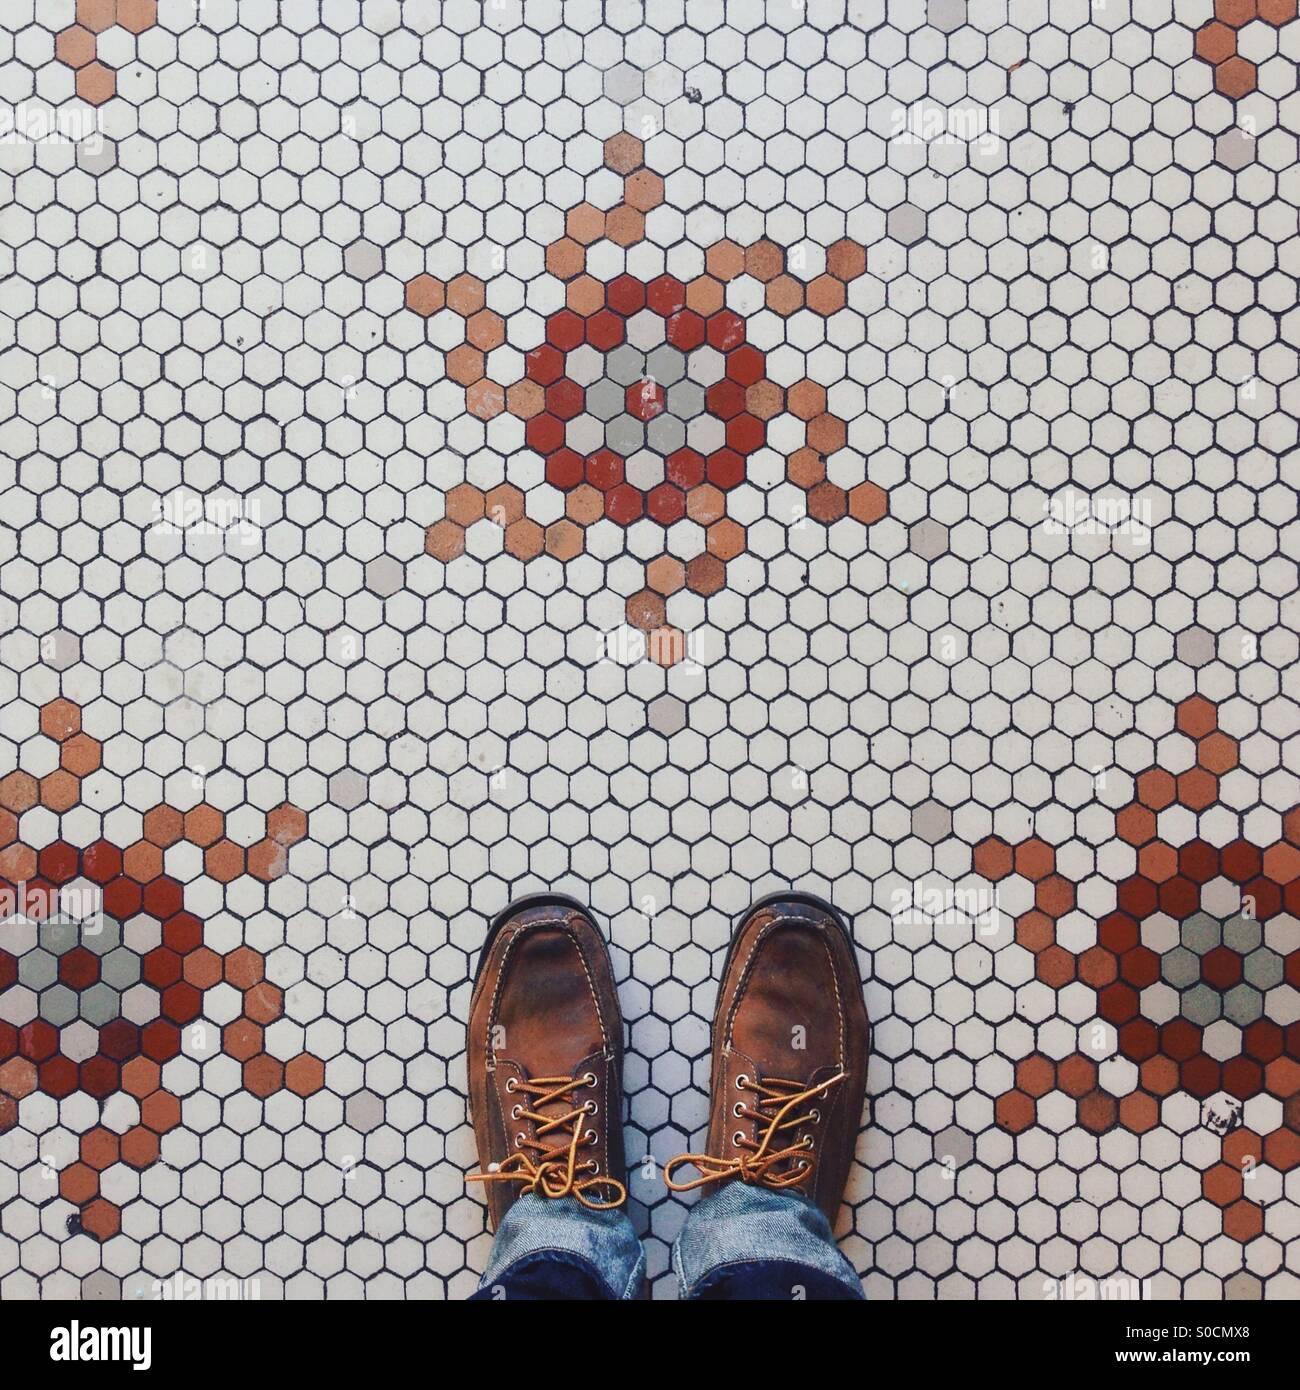 Carrelage au sol et les pieds Photo Stock